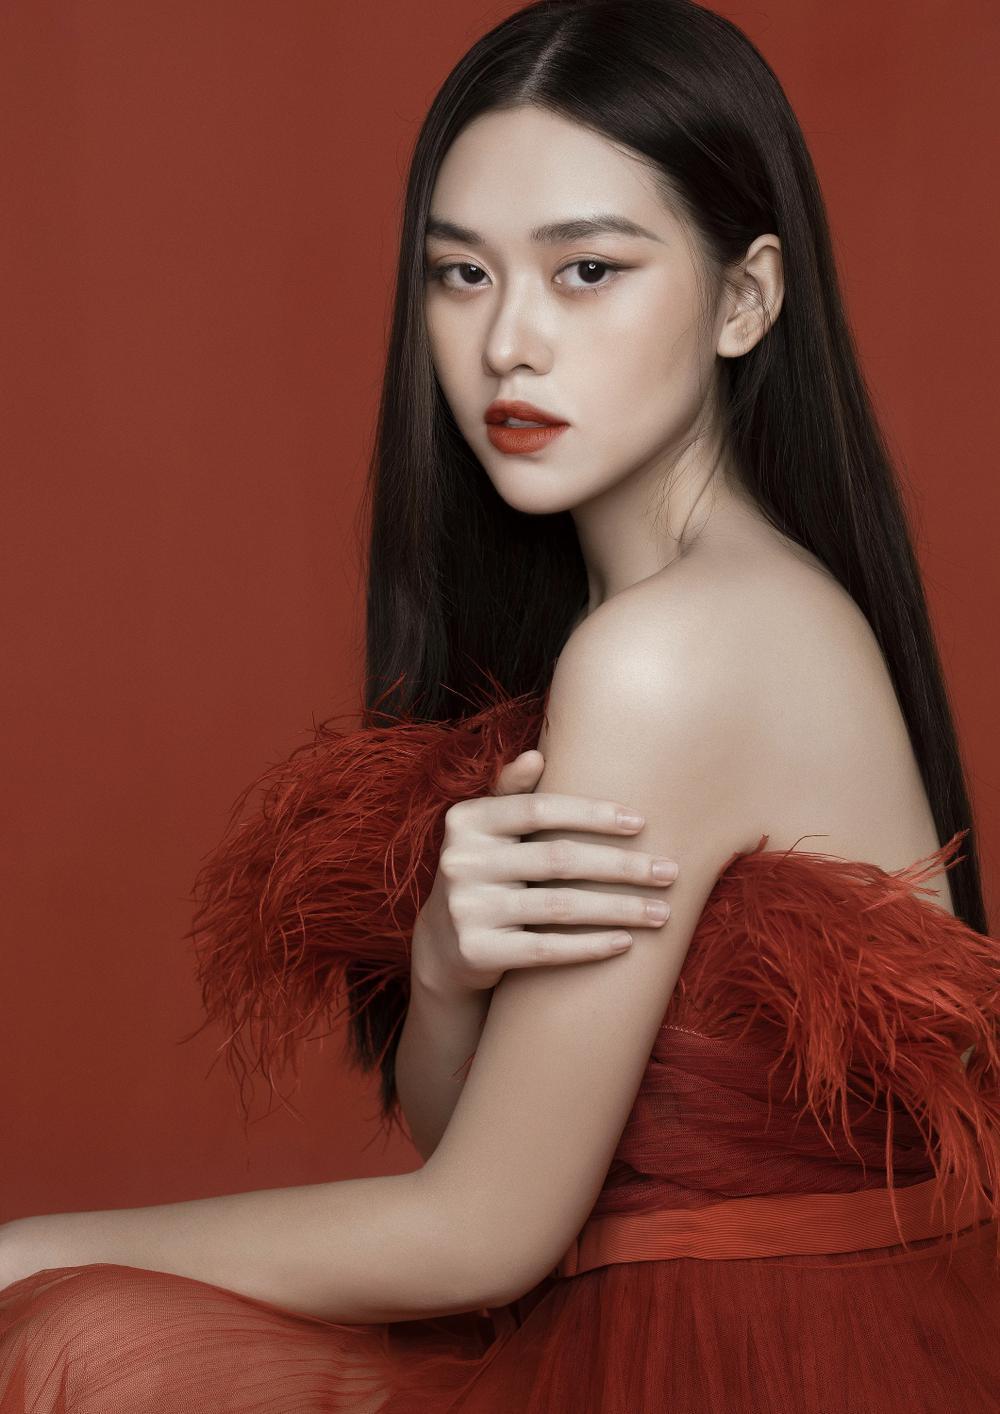 Á hậu Tường San hóa 'Hằng Nga', đẹp ma mị trong bộ ảnh mới dịp Trung thu Ảnh 1